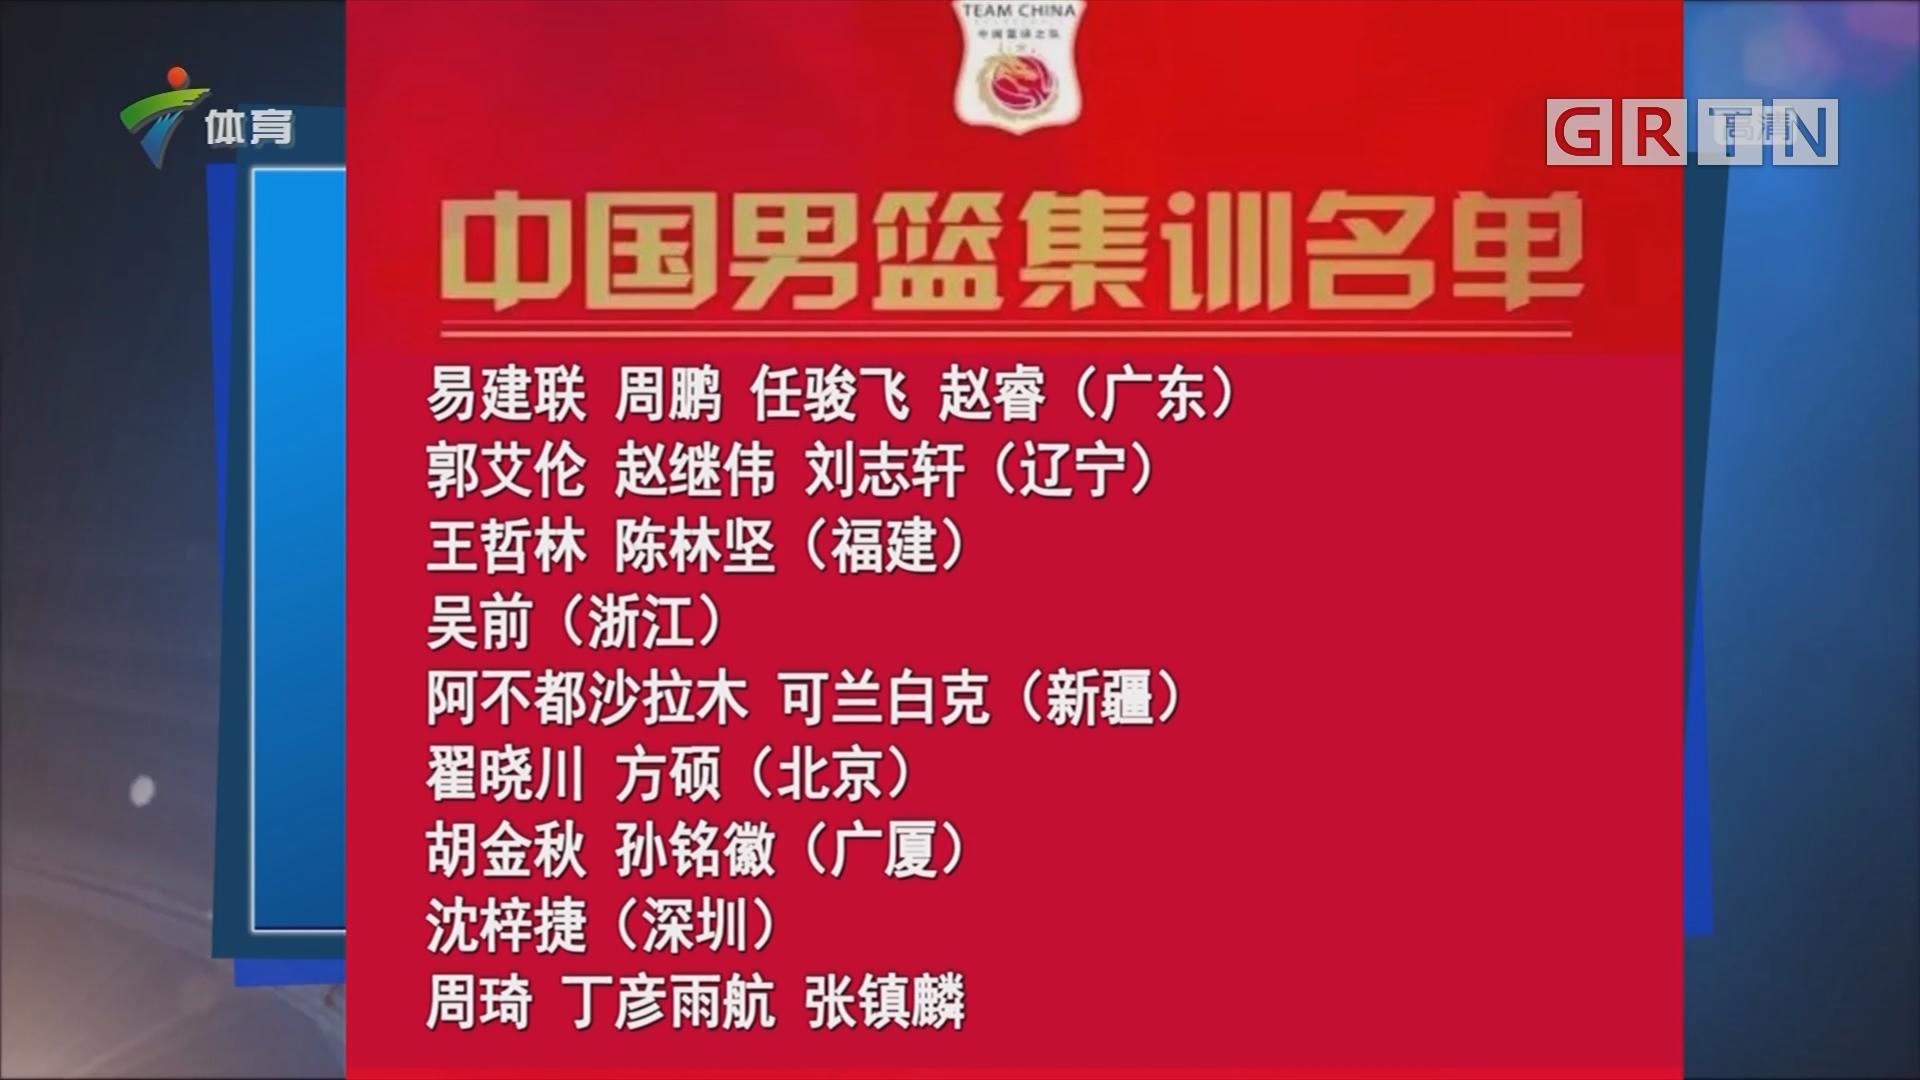 中国男篮集训名单